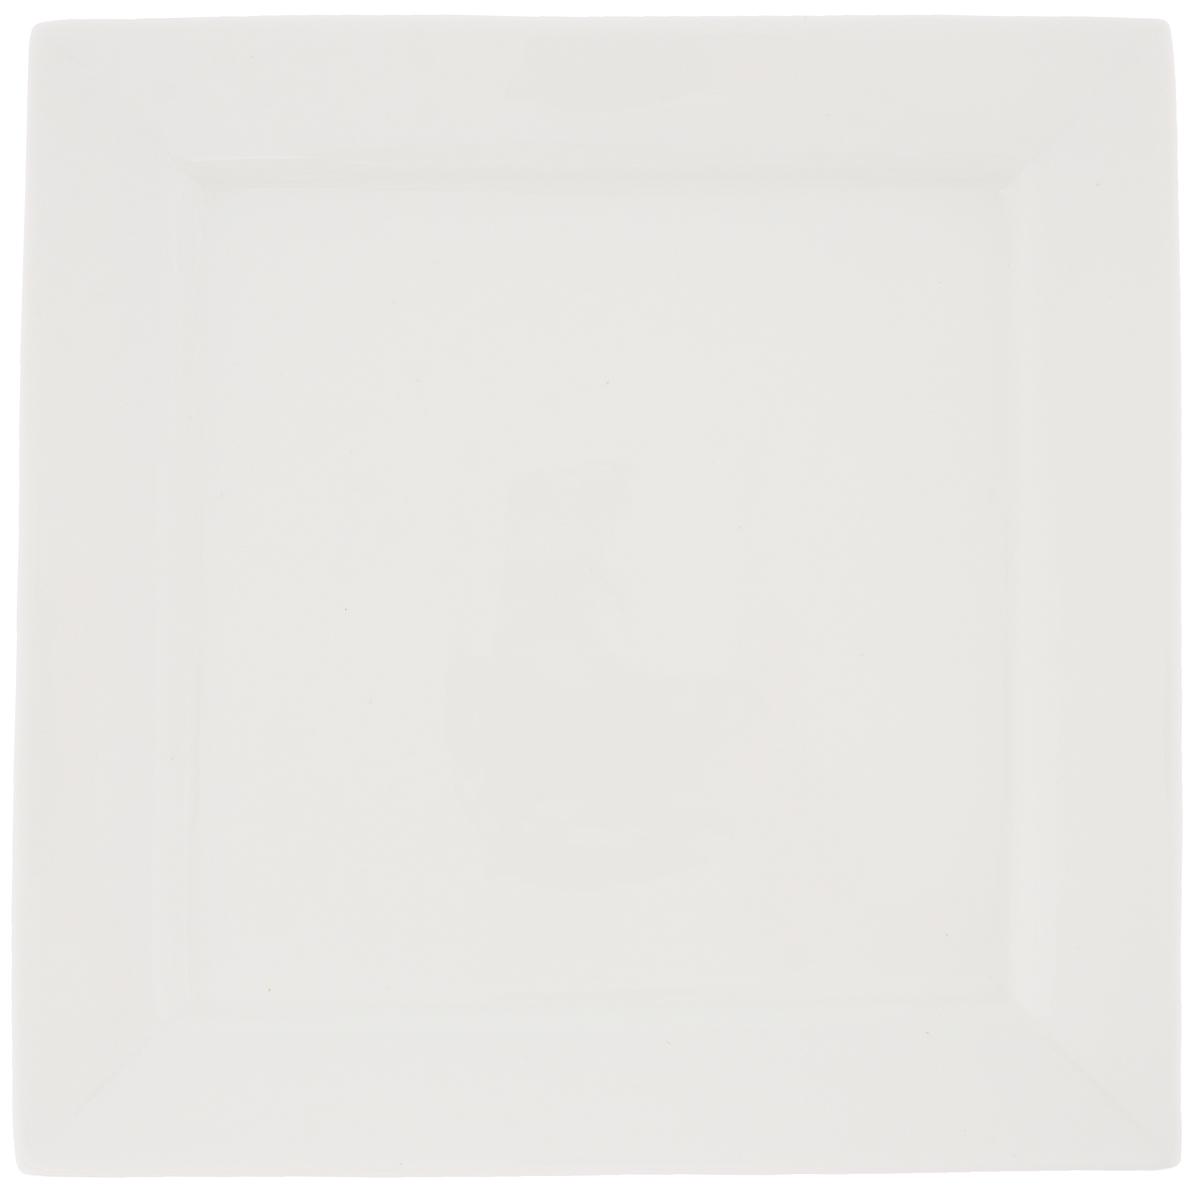 Тарелка Wilmax, 25 х 25 см. WL-991223 / A115510Тарелка Wilmax, изготовленная из высококачественного фарфора, имеет квадратную форму. Оригинальный дизайн придется по вкусу и ценителям классики, и тем, кто предпочитает утонченность и изысканность. Тарелка Wilmax идеально подойдет для сервировки стола и станет отличным подарком к любому празднику.Размер тарелки (по верхнему краю): 20 х 20 см.